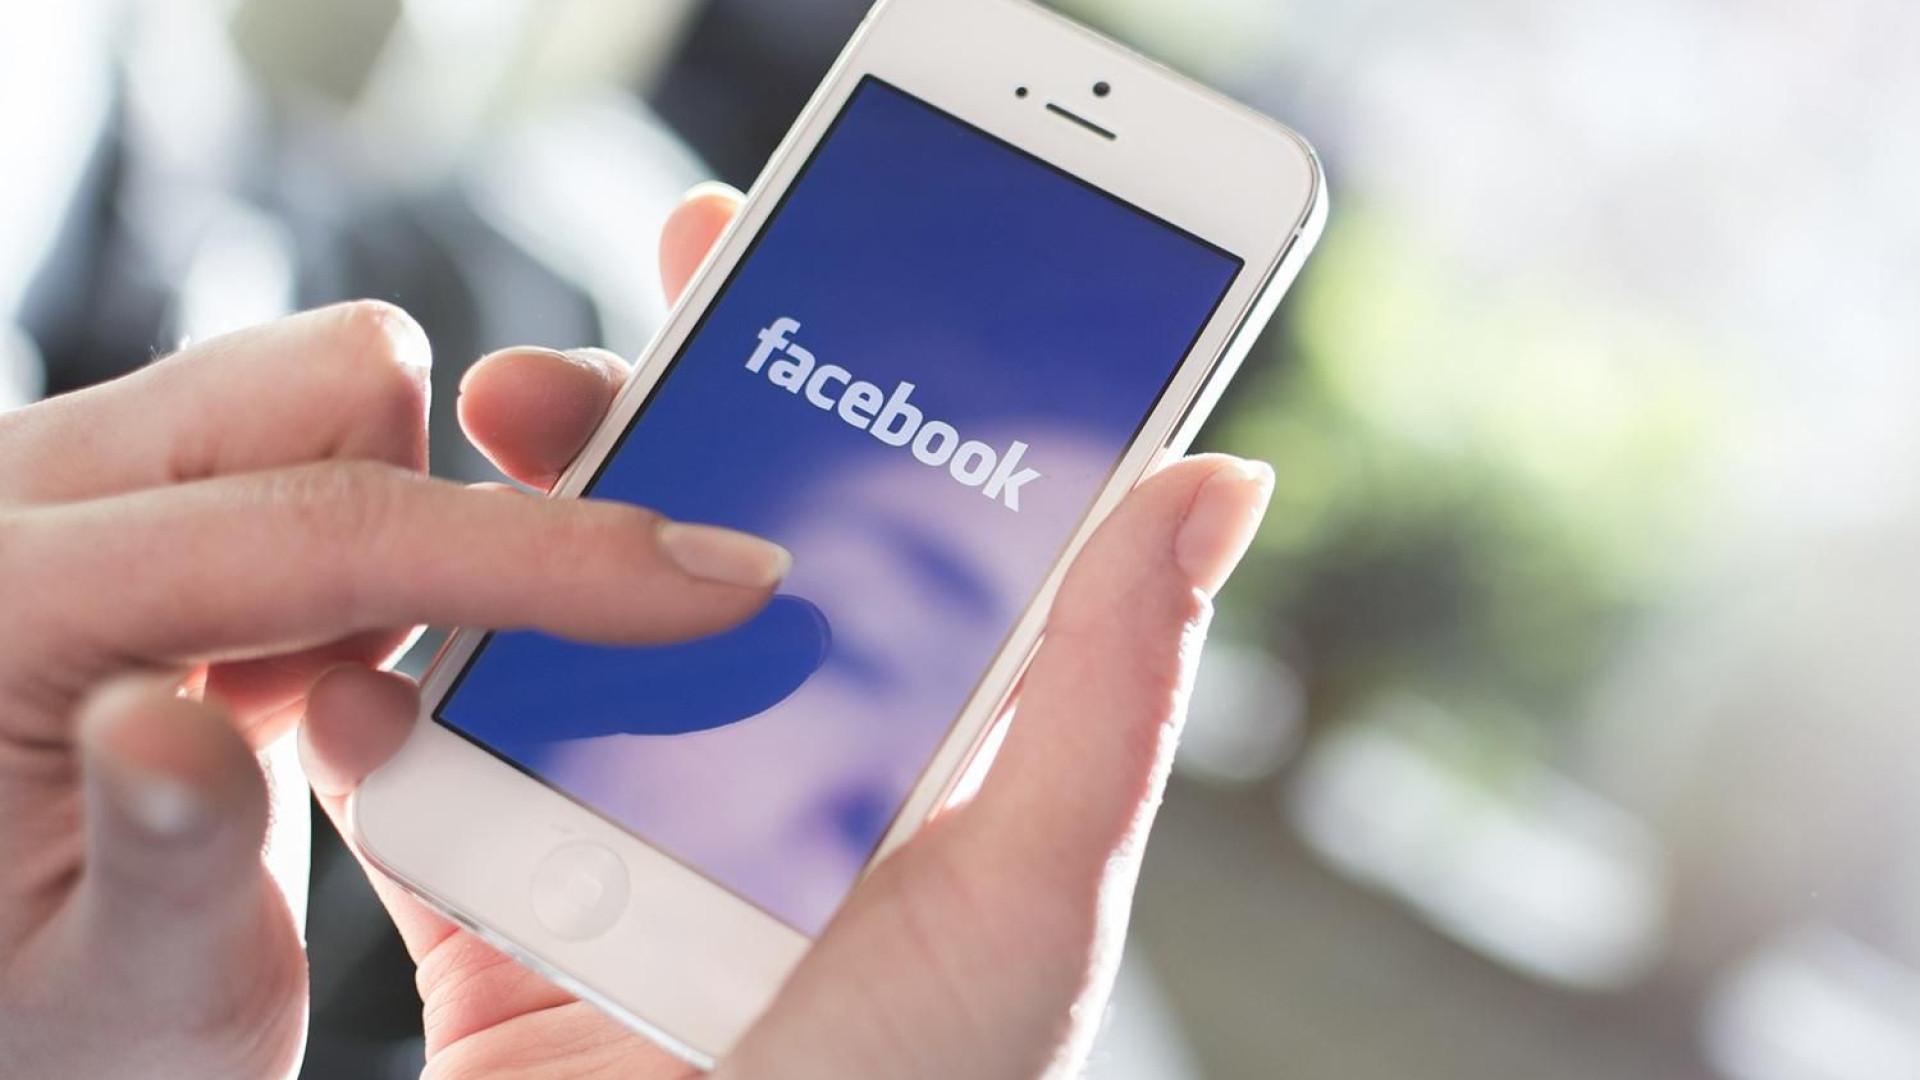 Novo golpe usa notificação falsa  para roubar perfil do Facebook